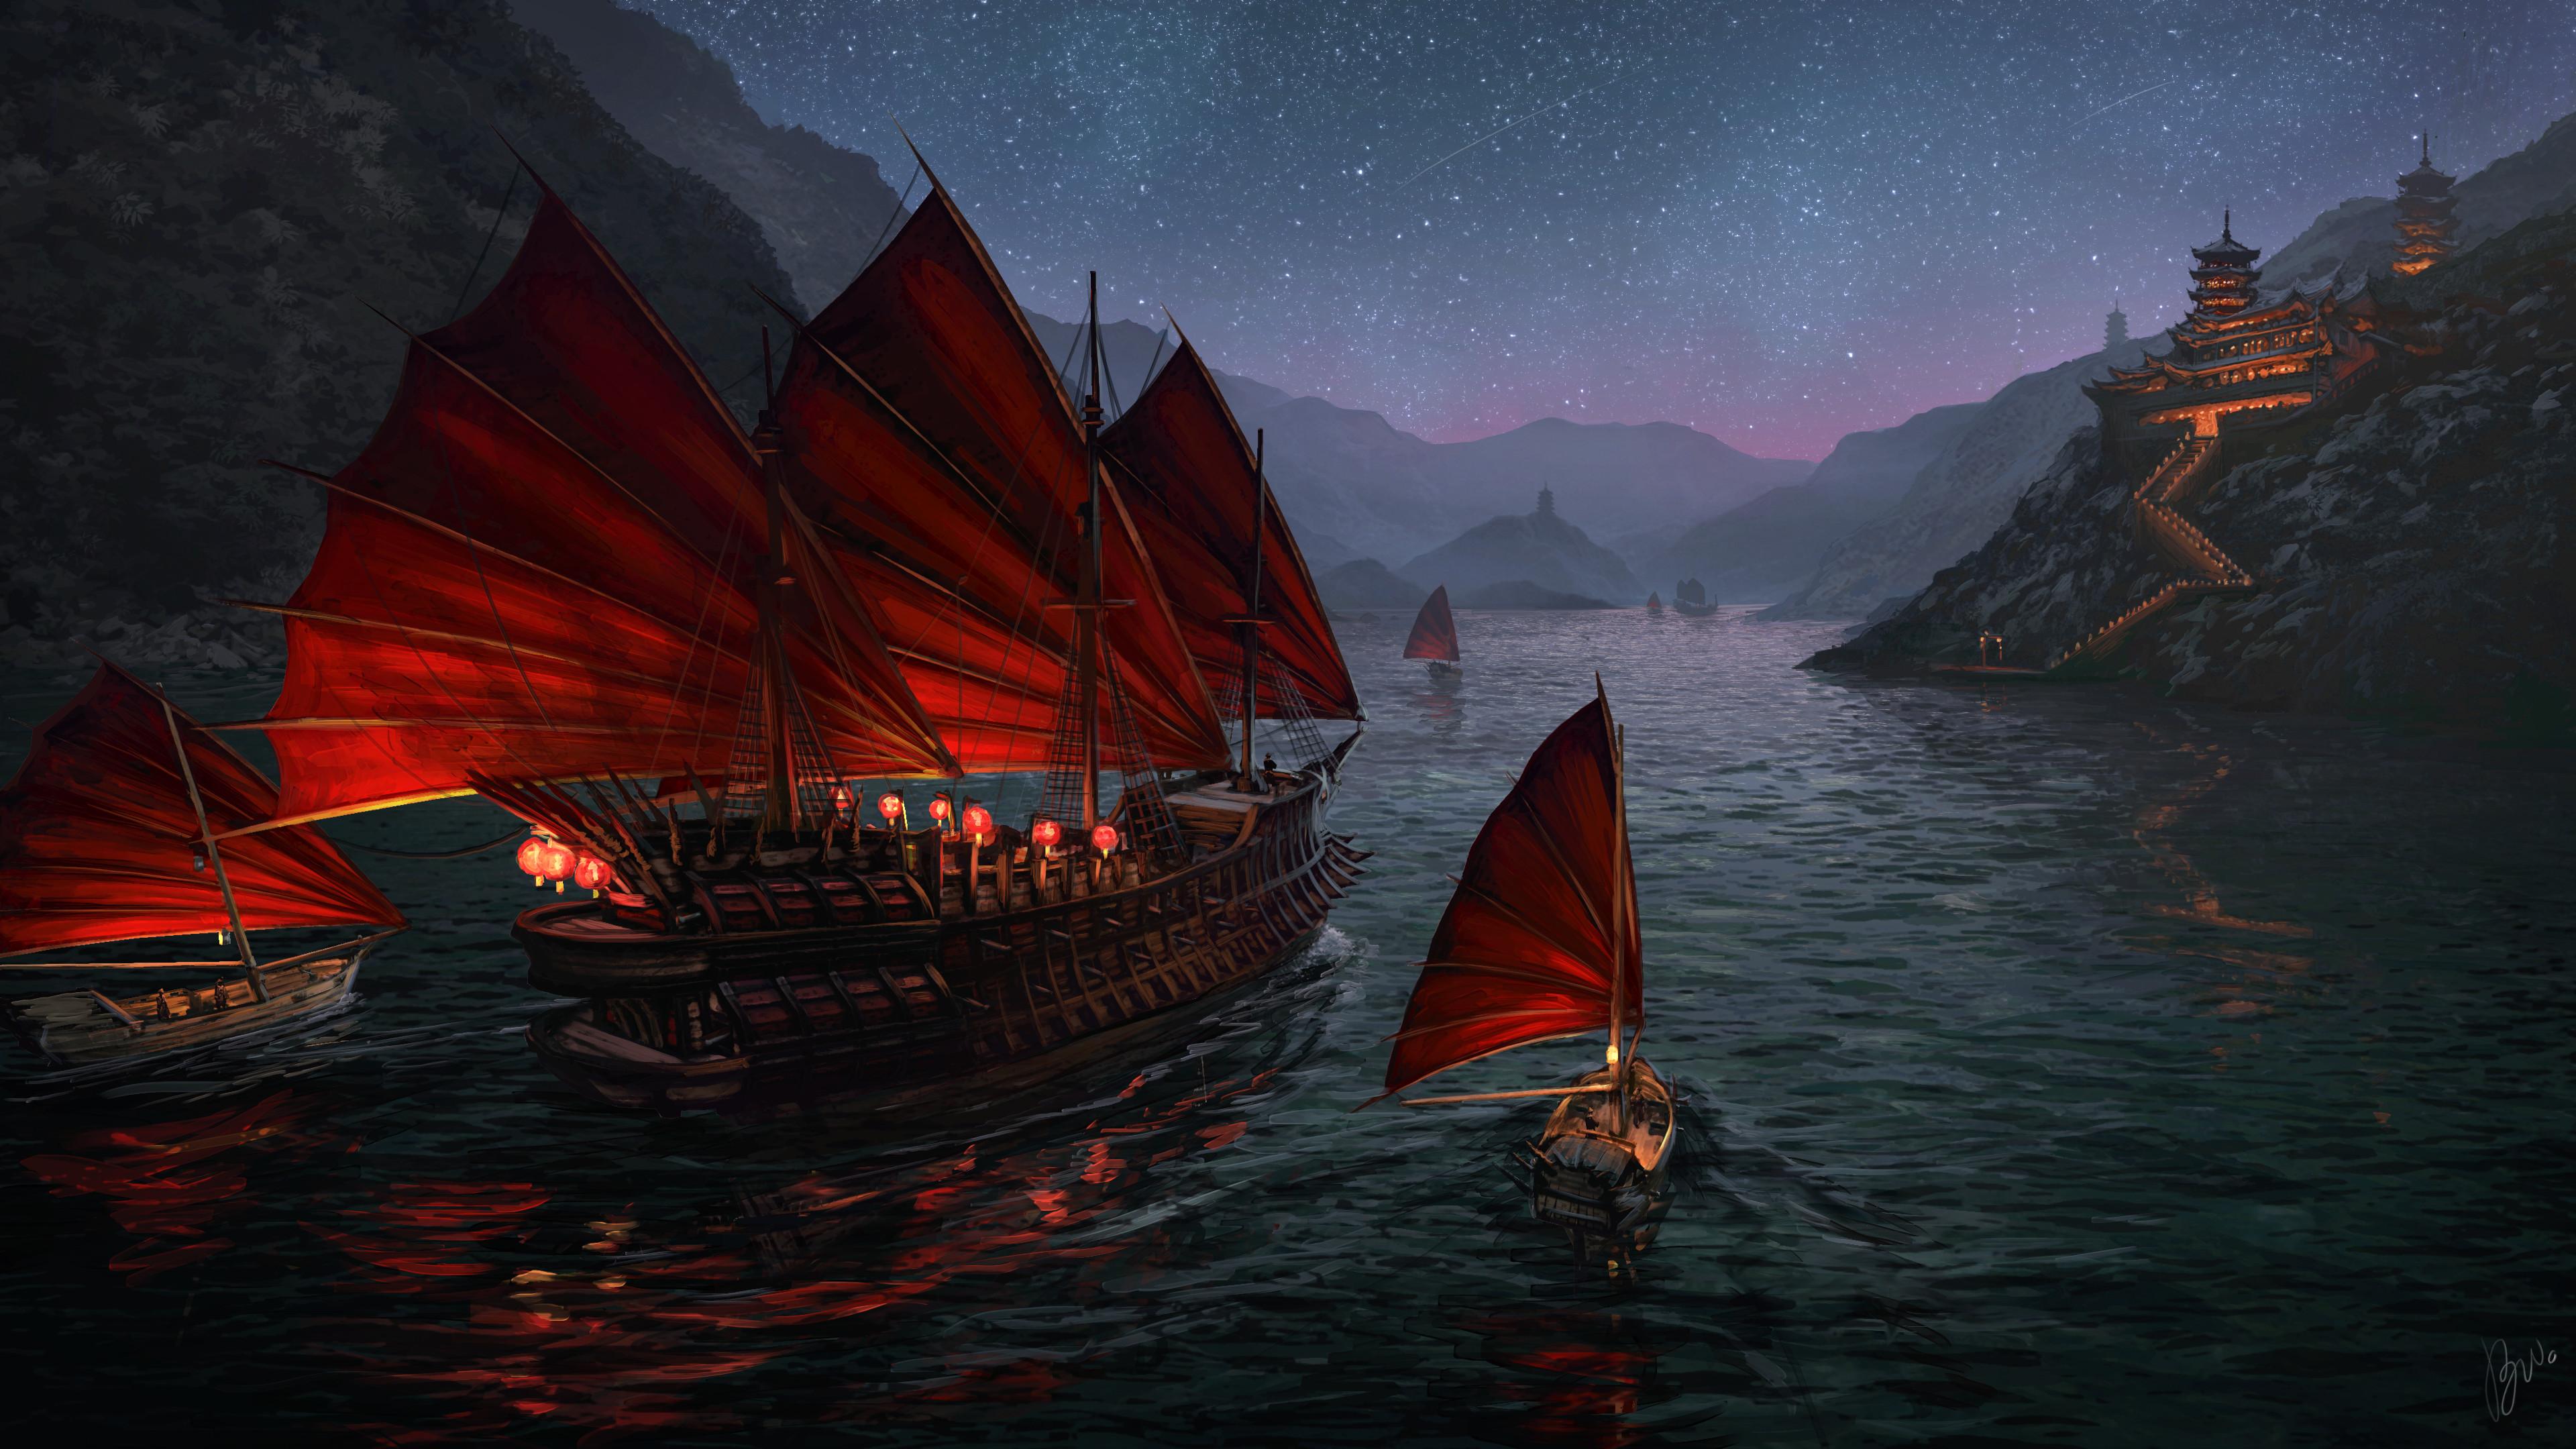 Zhèng Shì and her fleet of junks travelling through the night